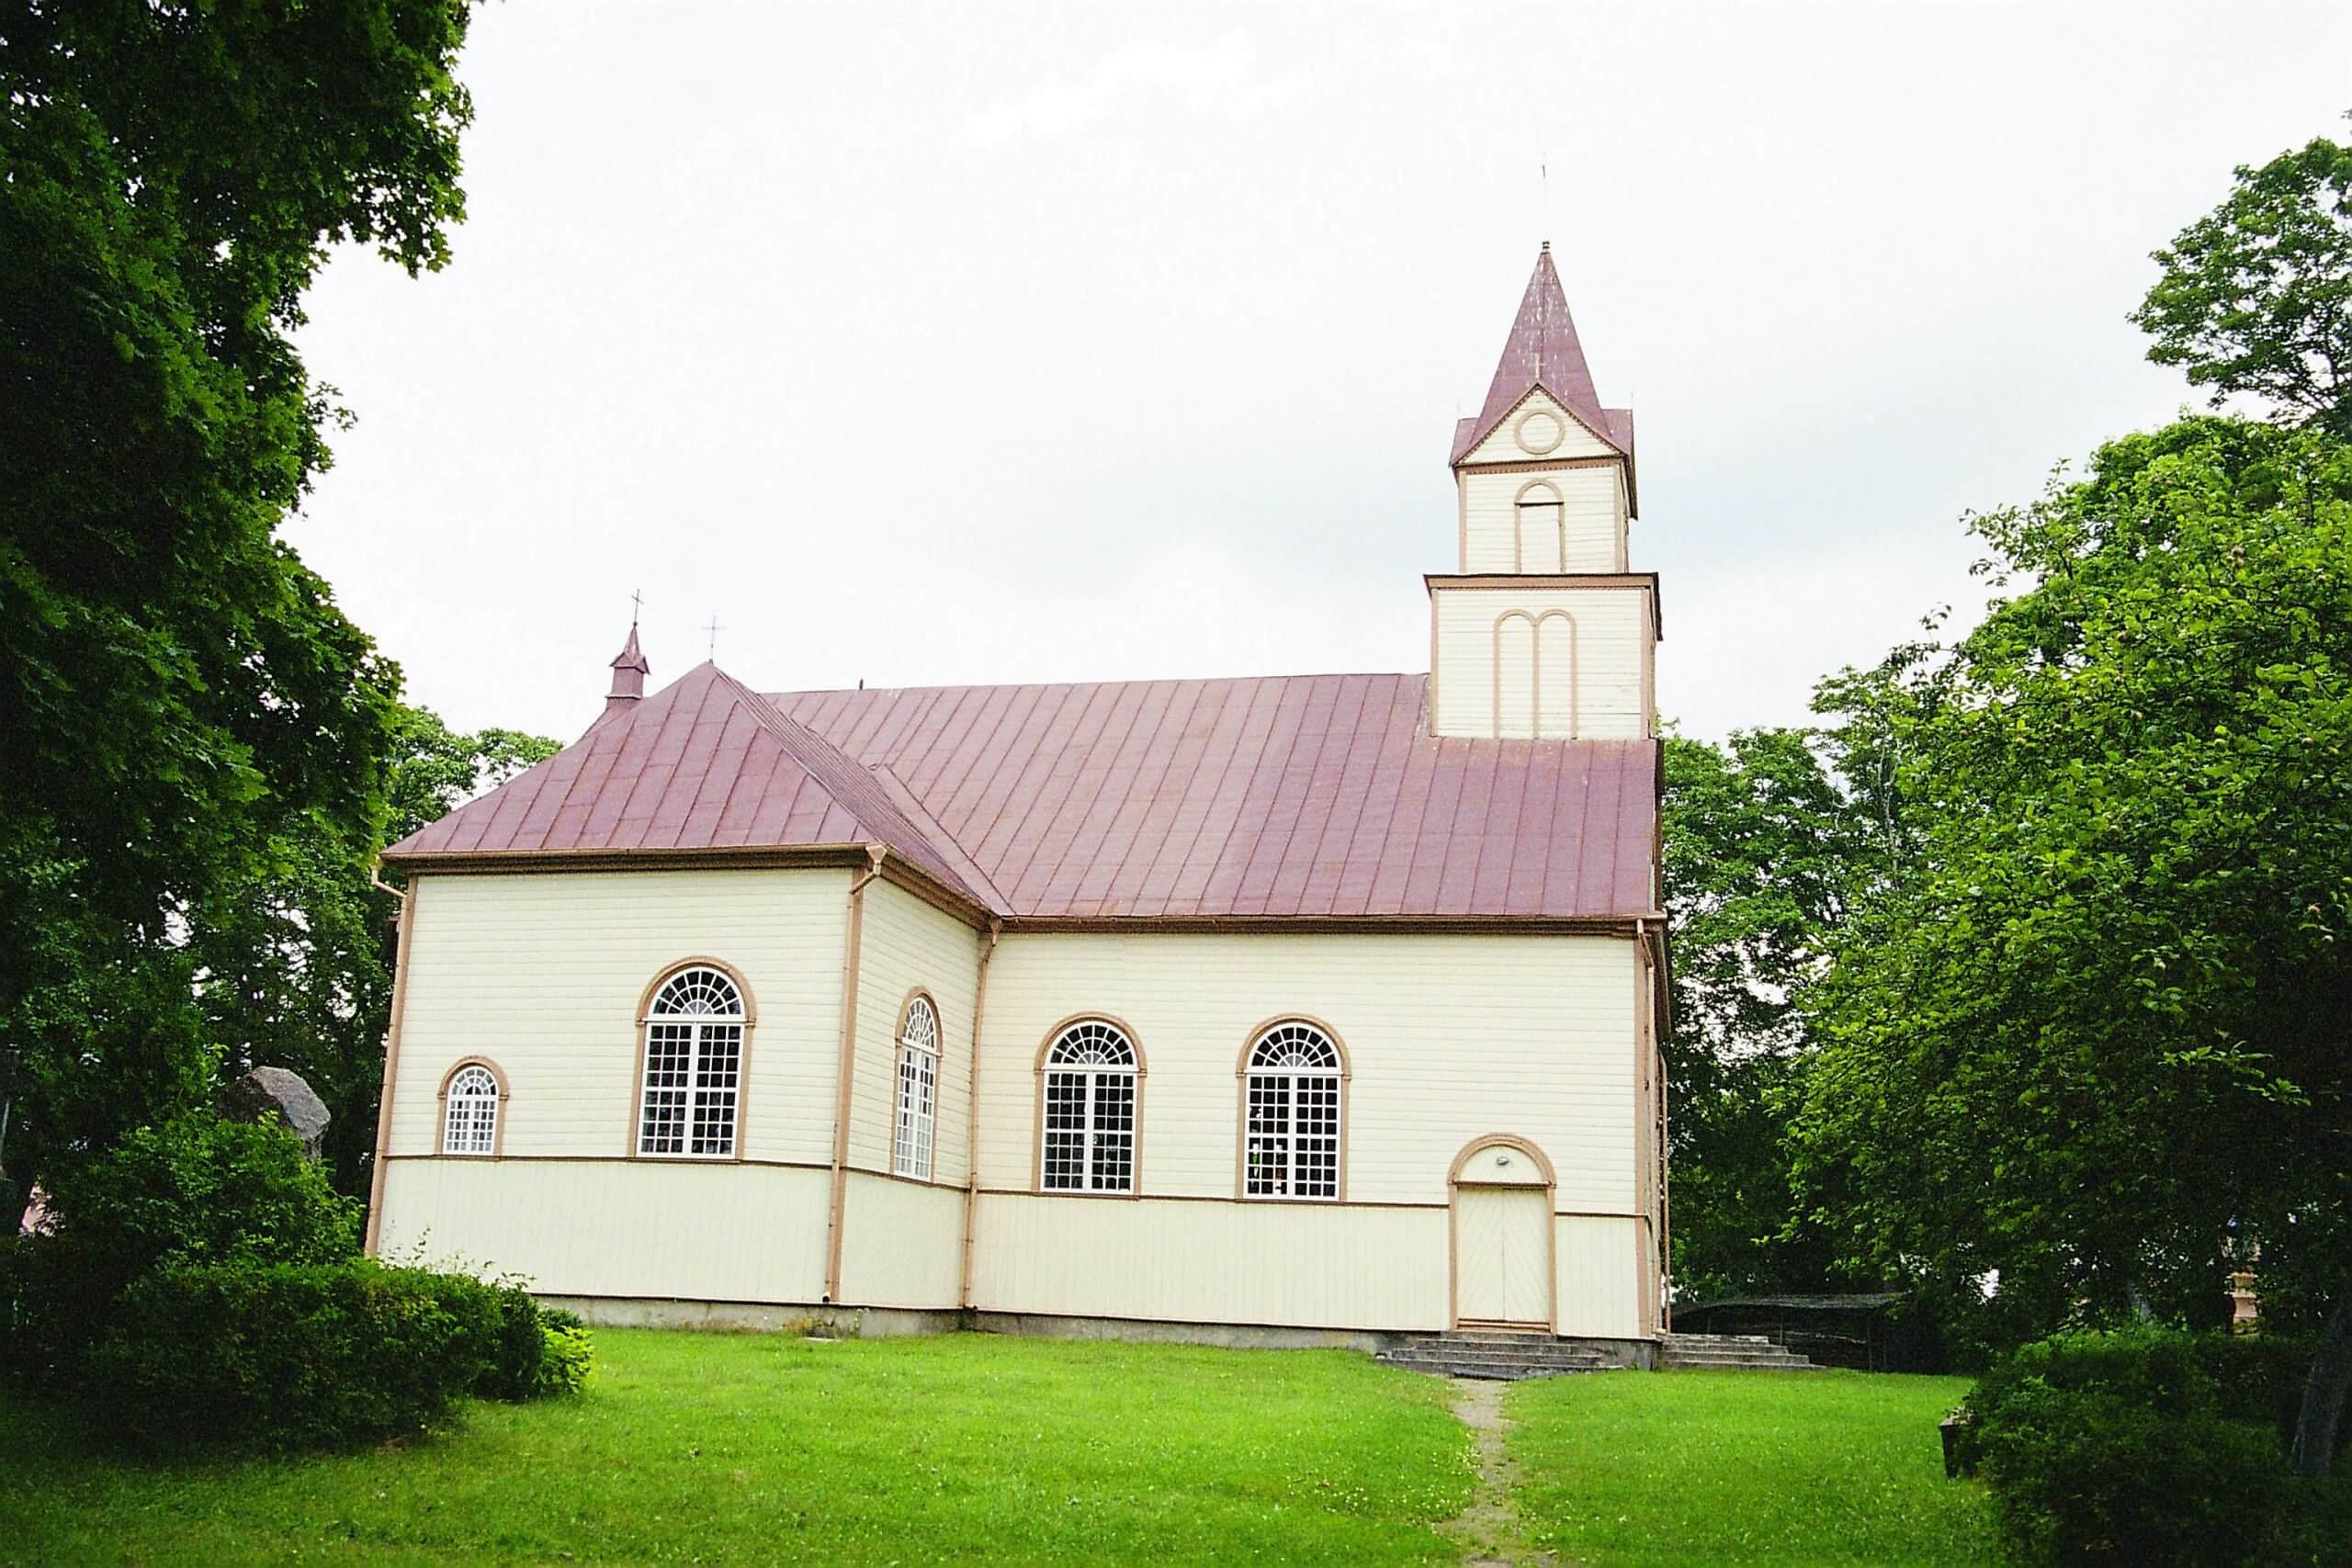 Lieplaukės Šv. Jurgio bažnyčia (Telšių rajonas)